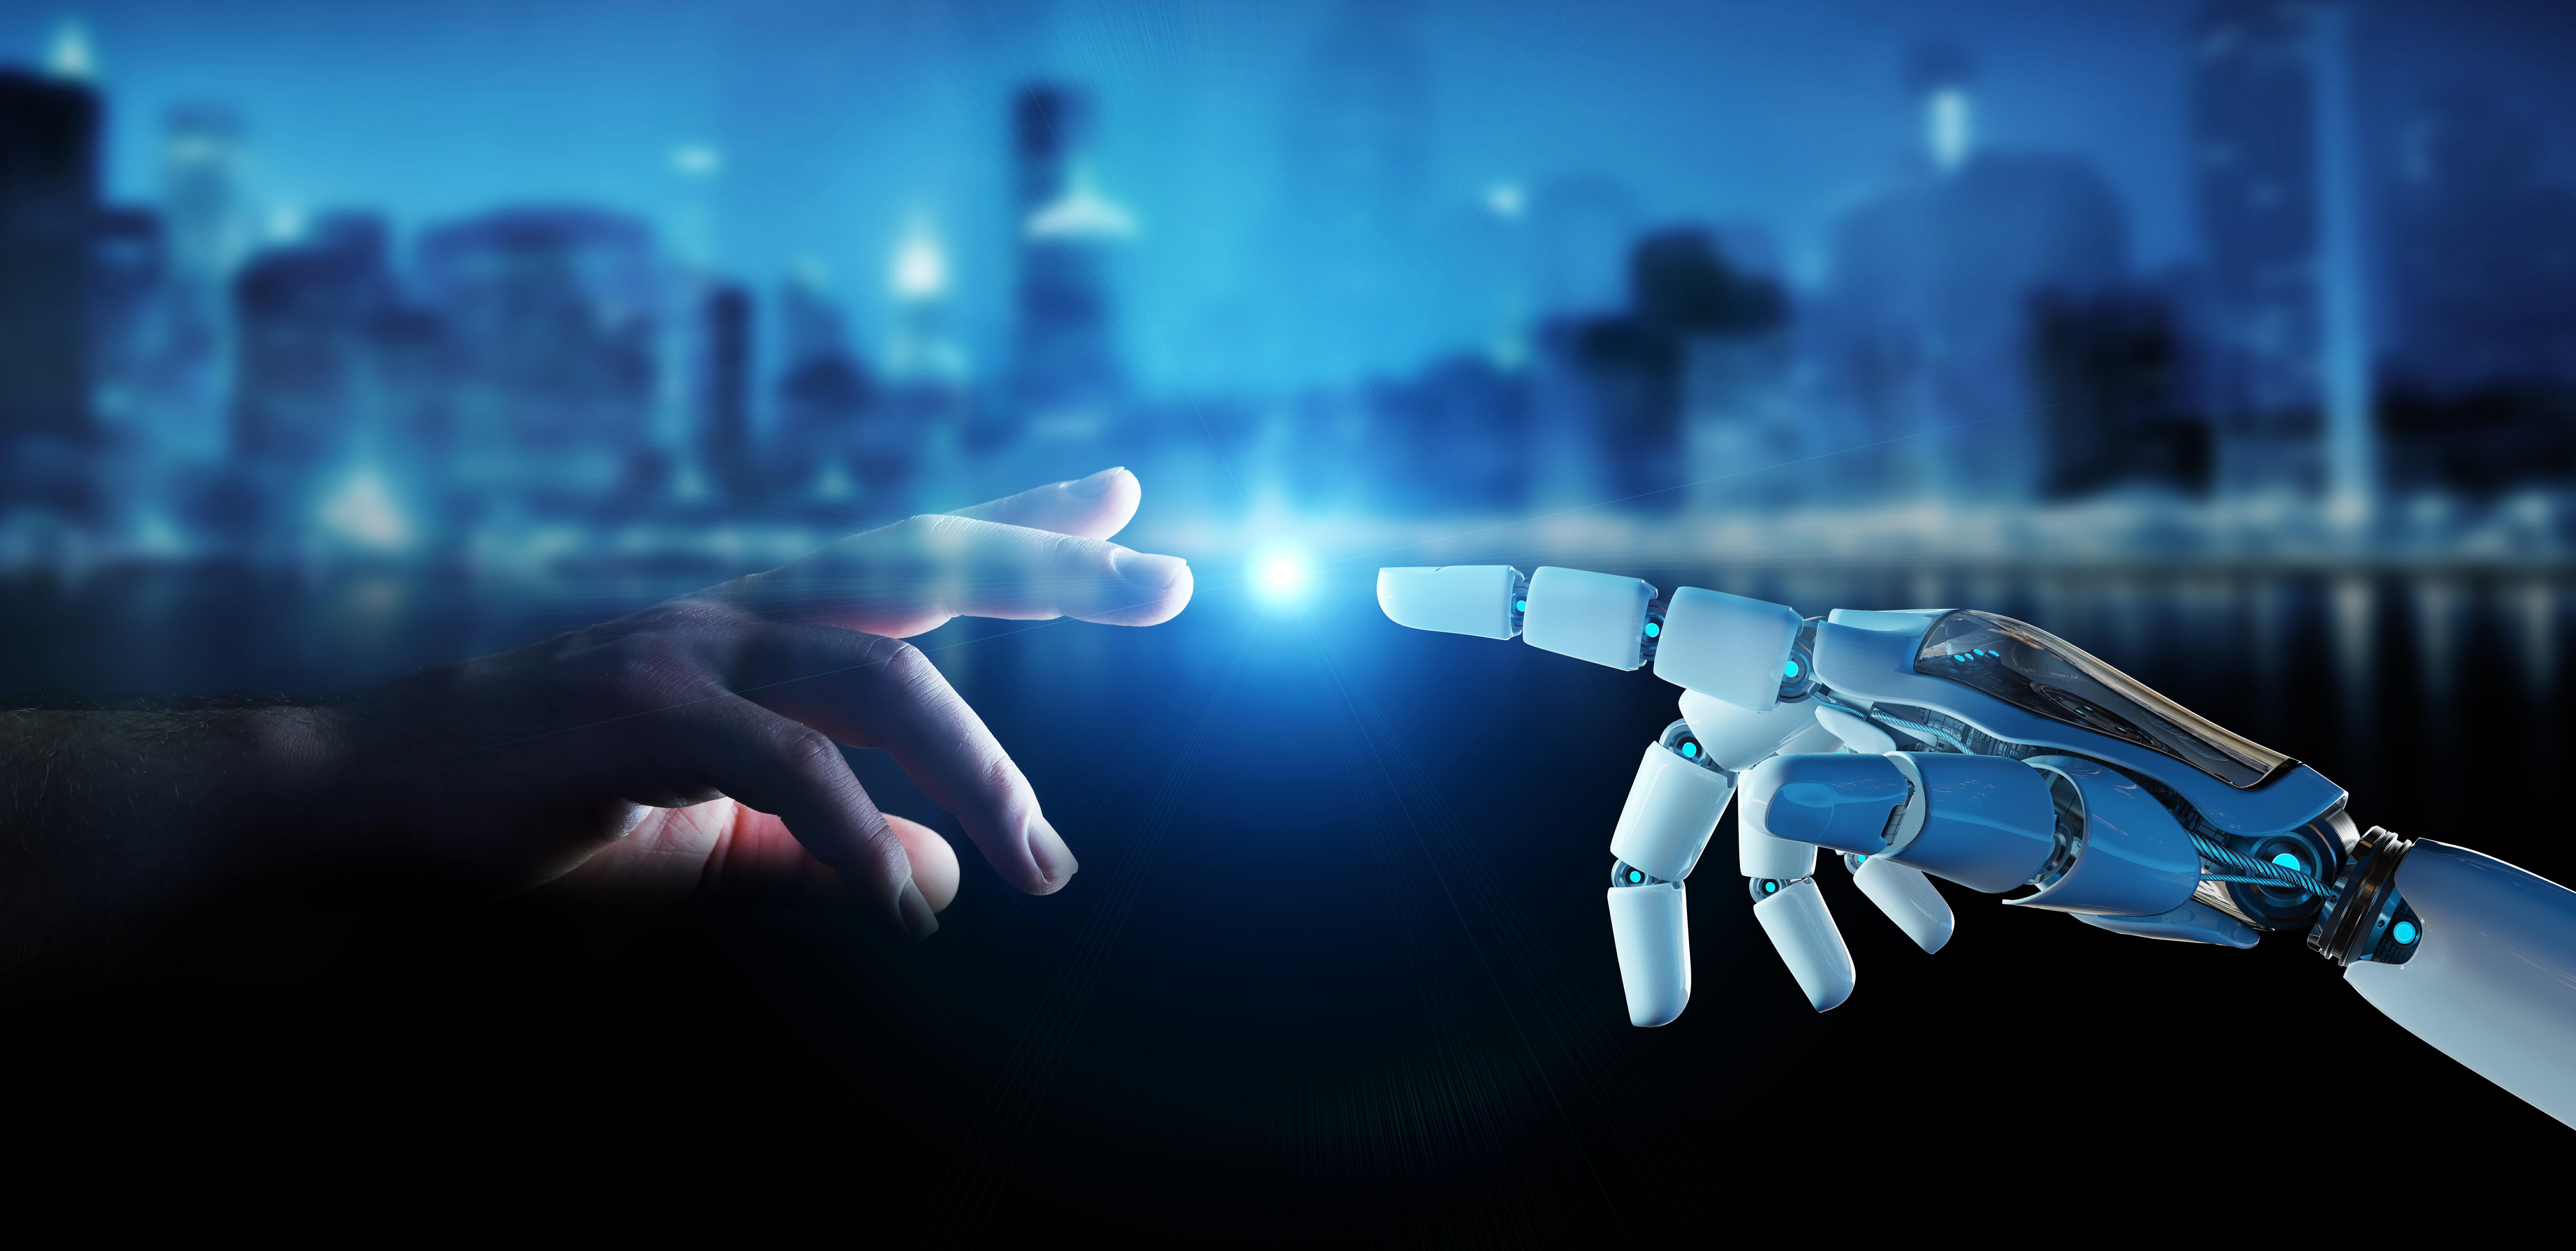 Robot touching human finger